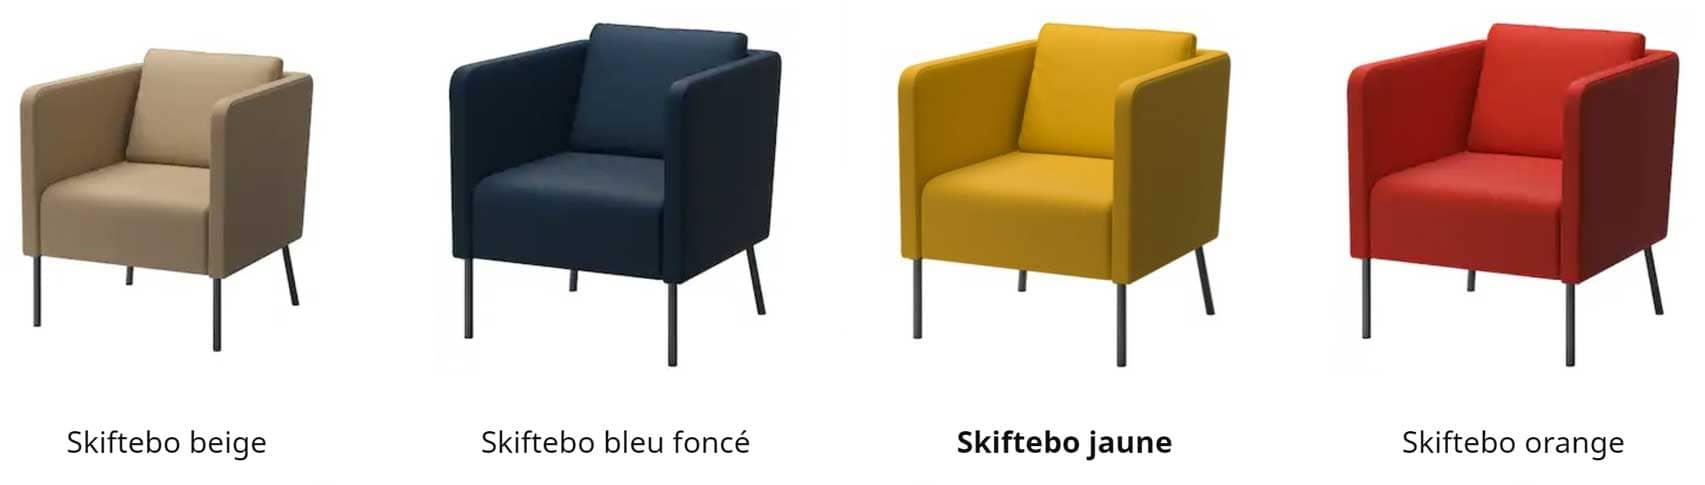 Déclinaisons du fauteuil Ekero de style scandinave